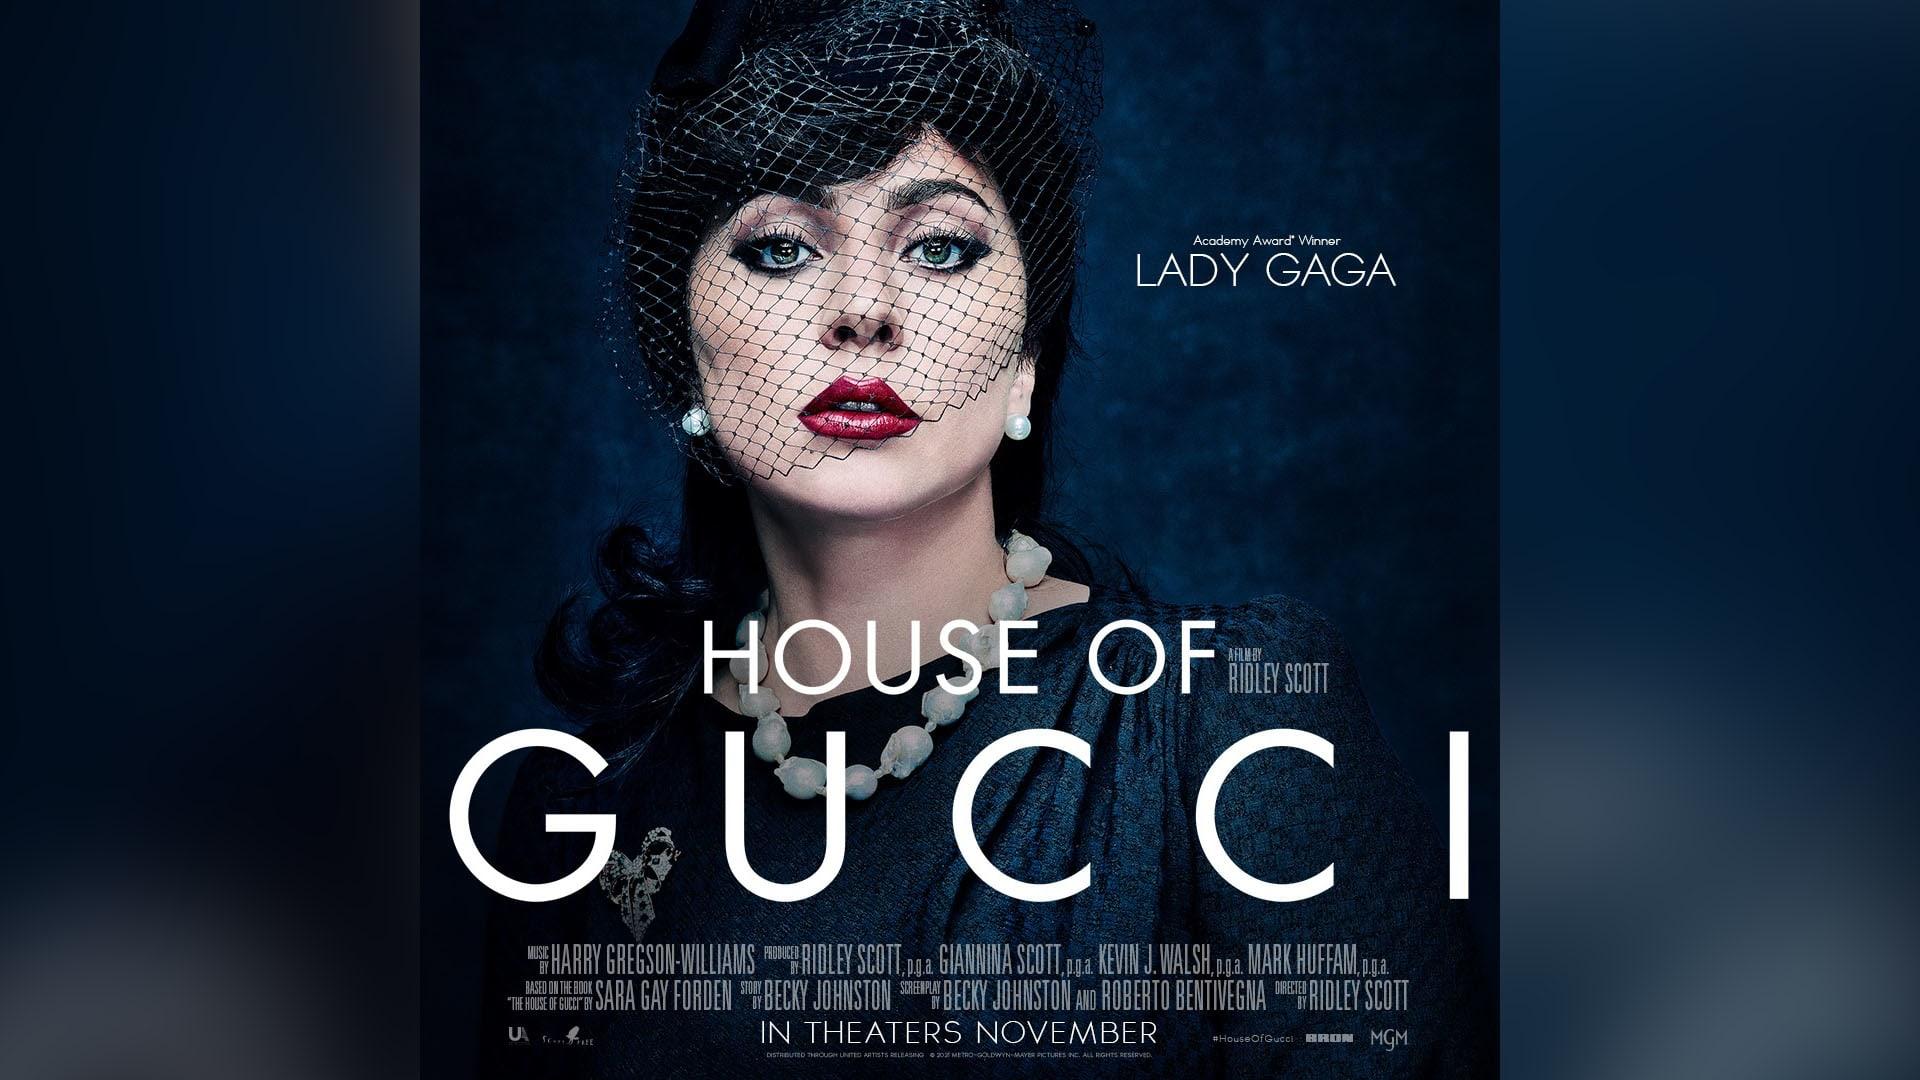 ليدي غاغا كما لم ترونها من قبل في House of Gucci